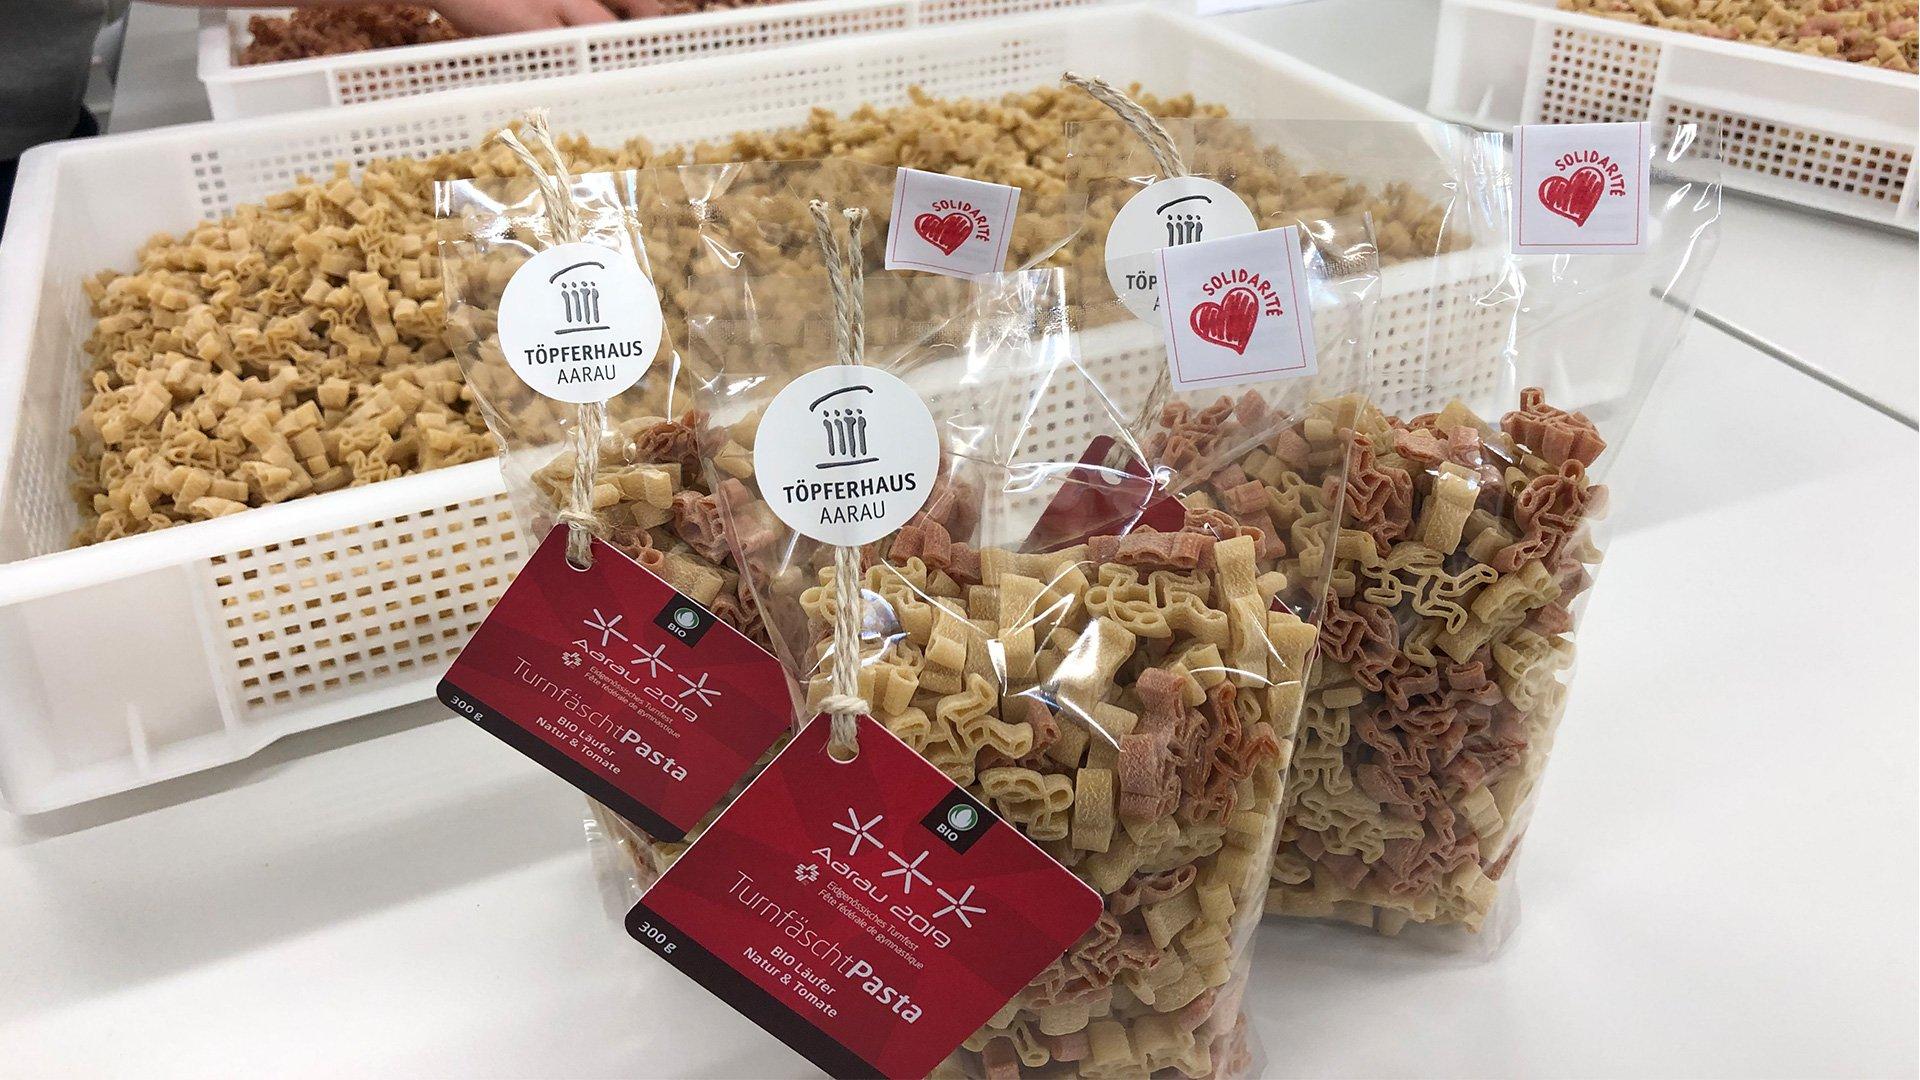 Einblick-in-die-Produktion-der-Stiftung-Töpferhaus-Pasta-